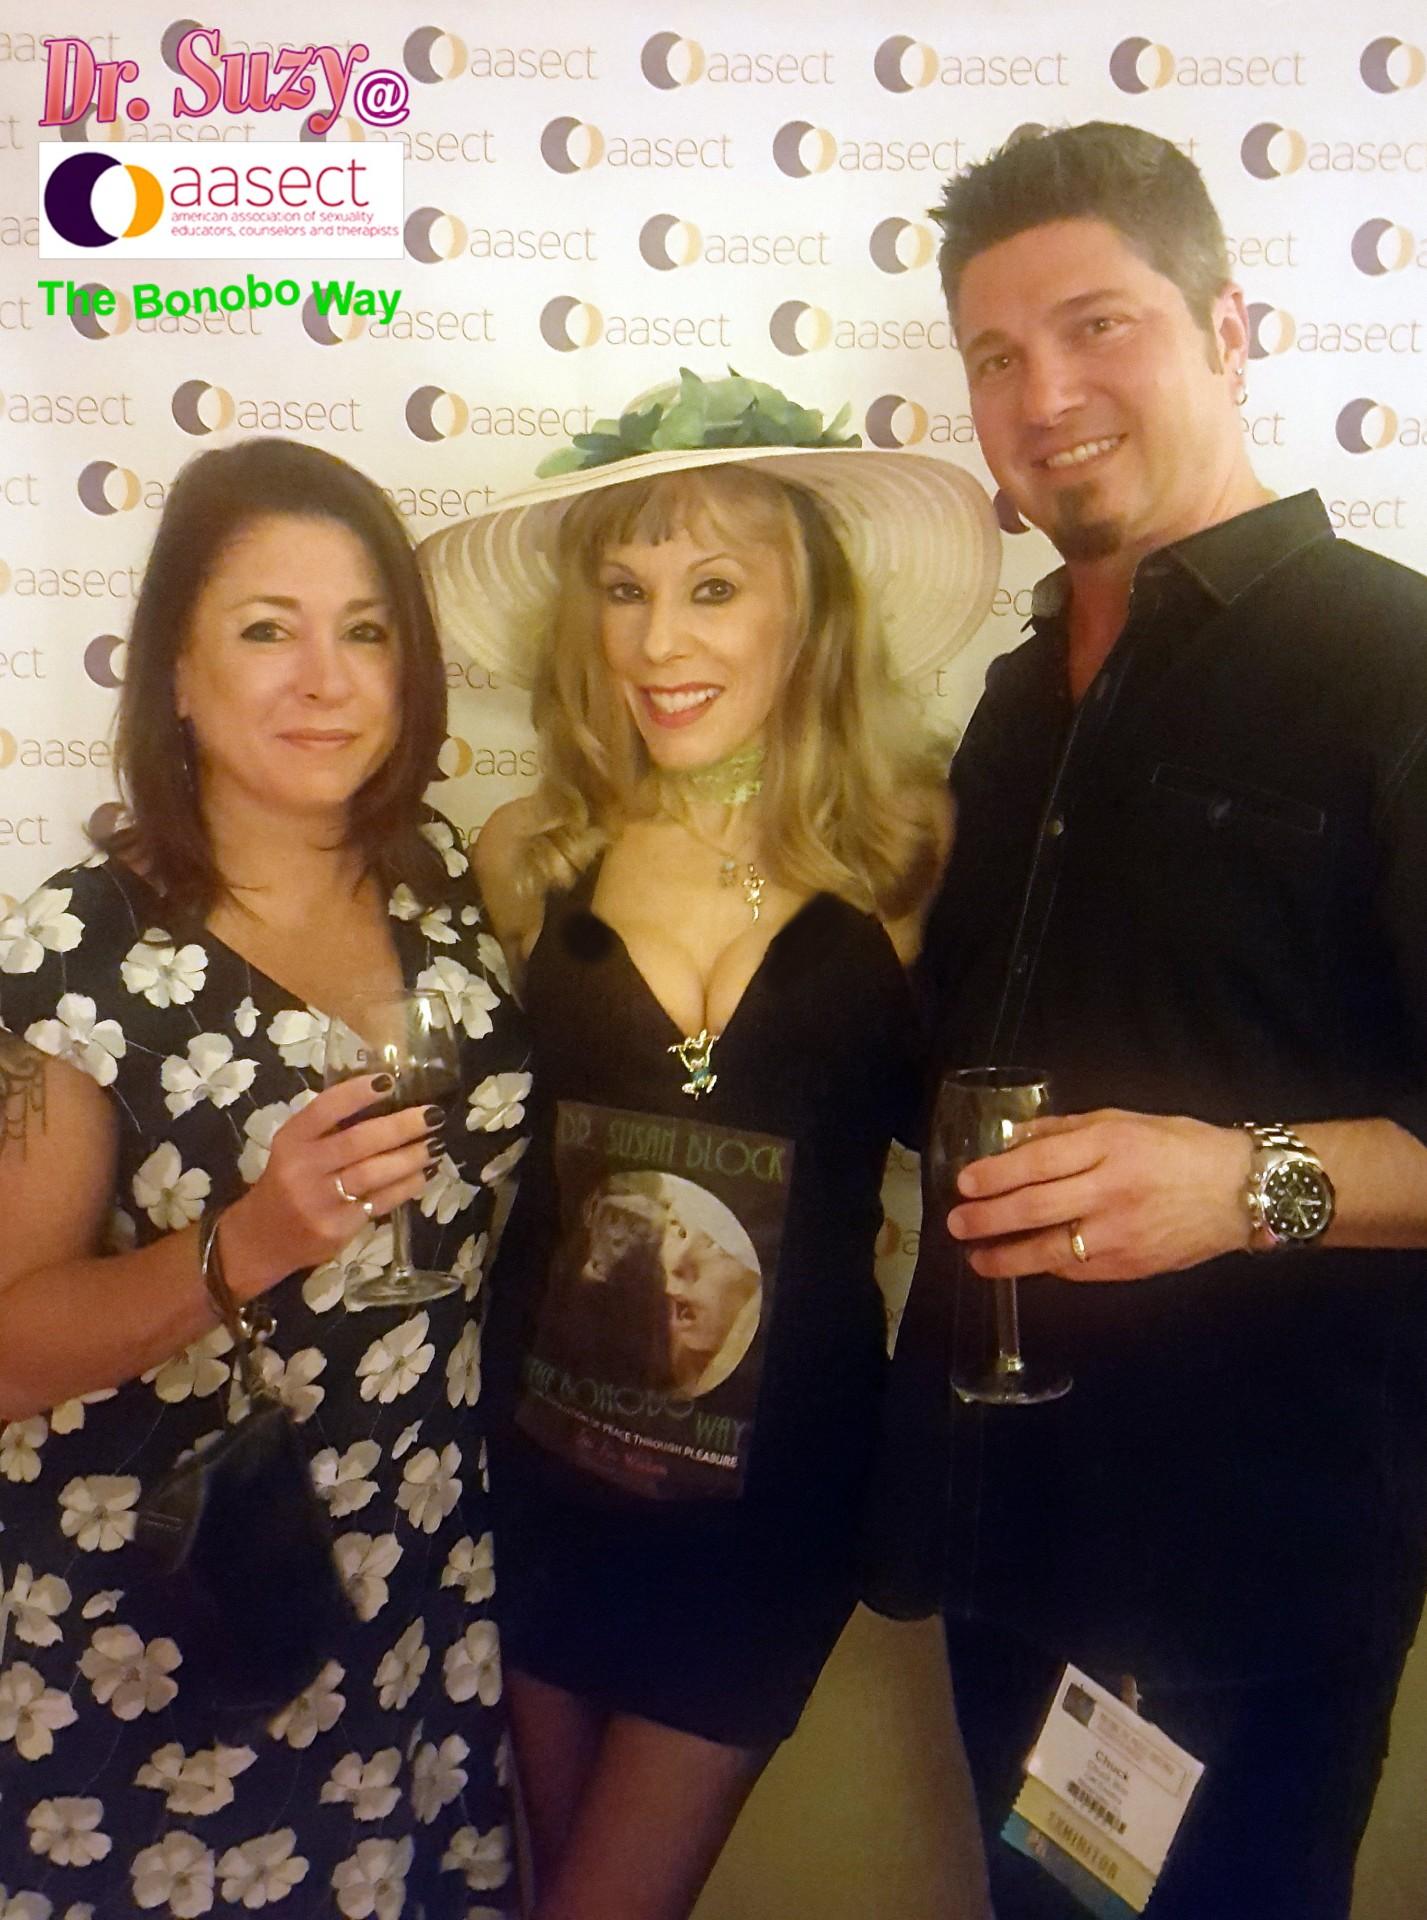 With Cute CalExotics Couple, Joann & Chuck Bird. #GoBonobos! Go AASECT!